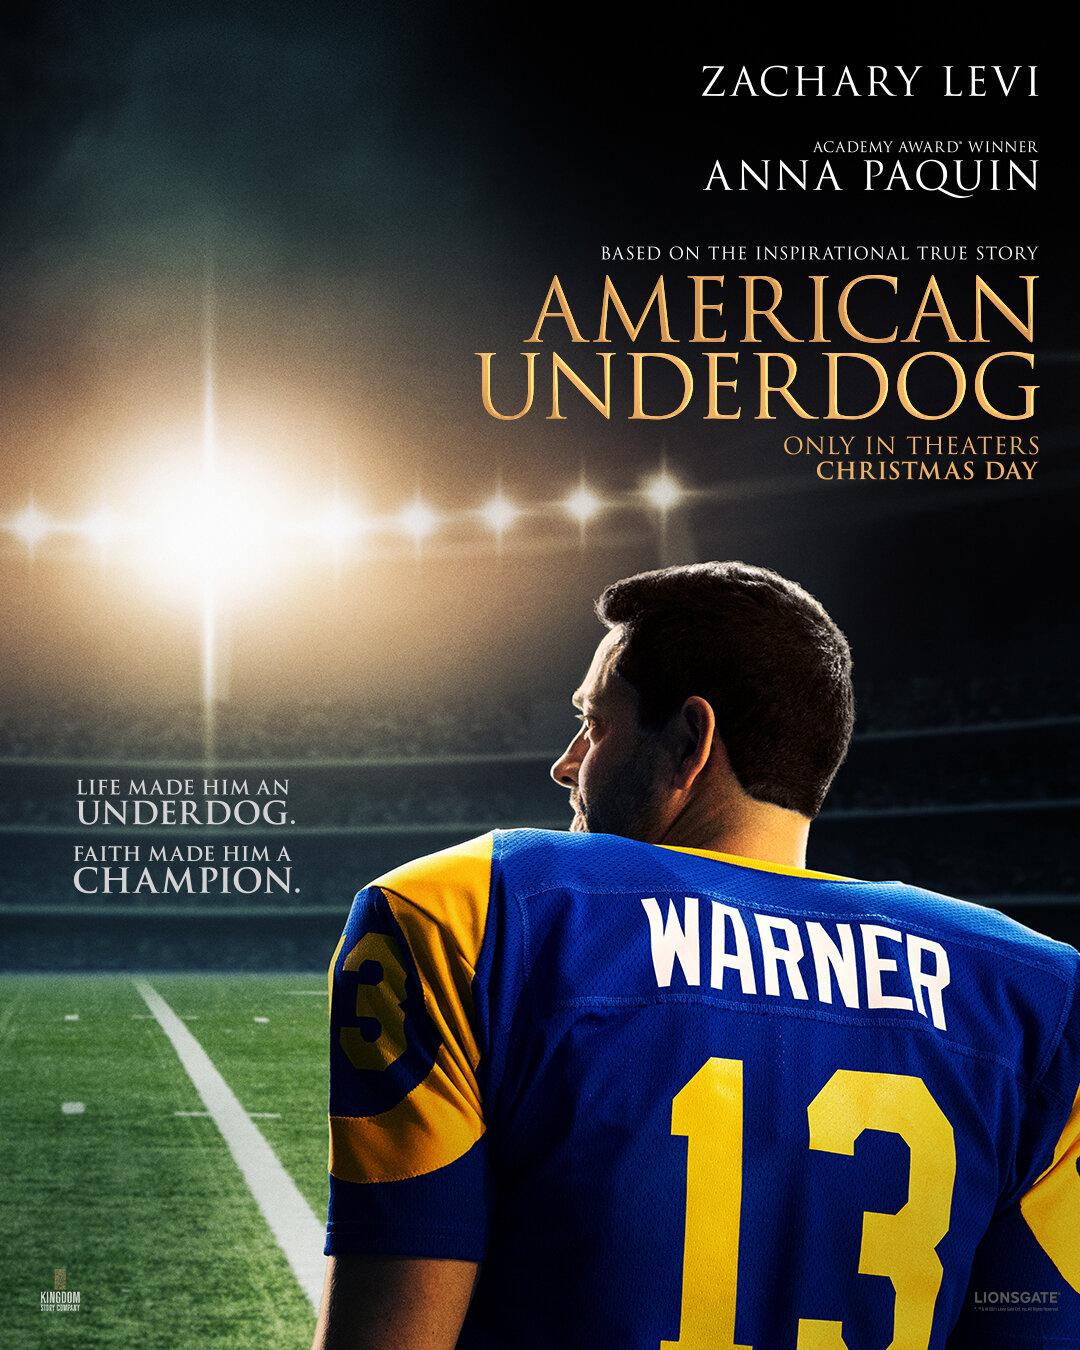 American Underdog: The Kurt Warner Story   Cinebiografia do ex-jogador da NFL interpretado por Zachary Levi